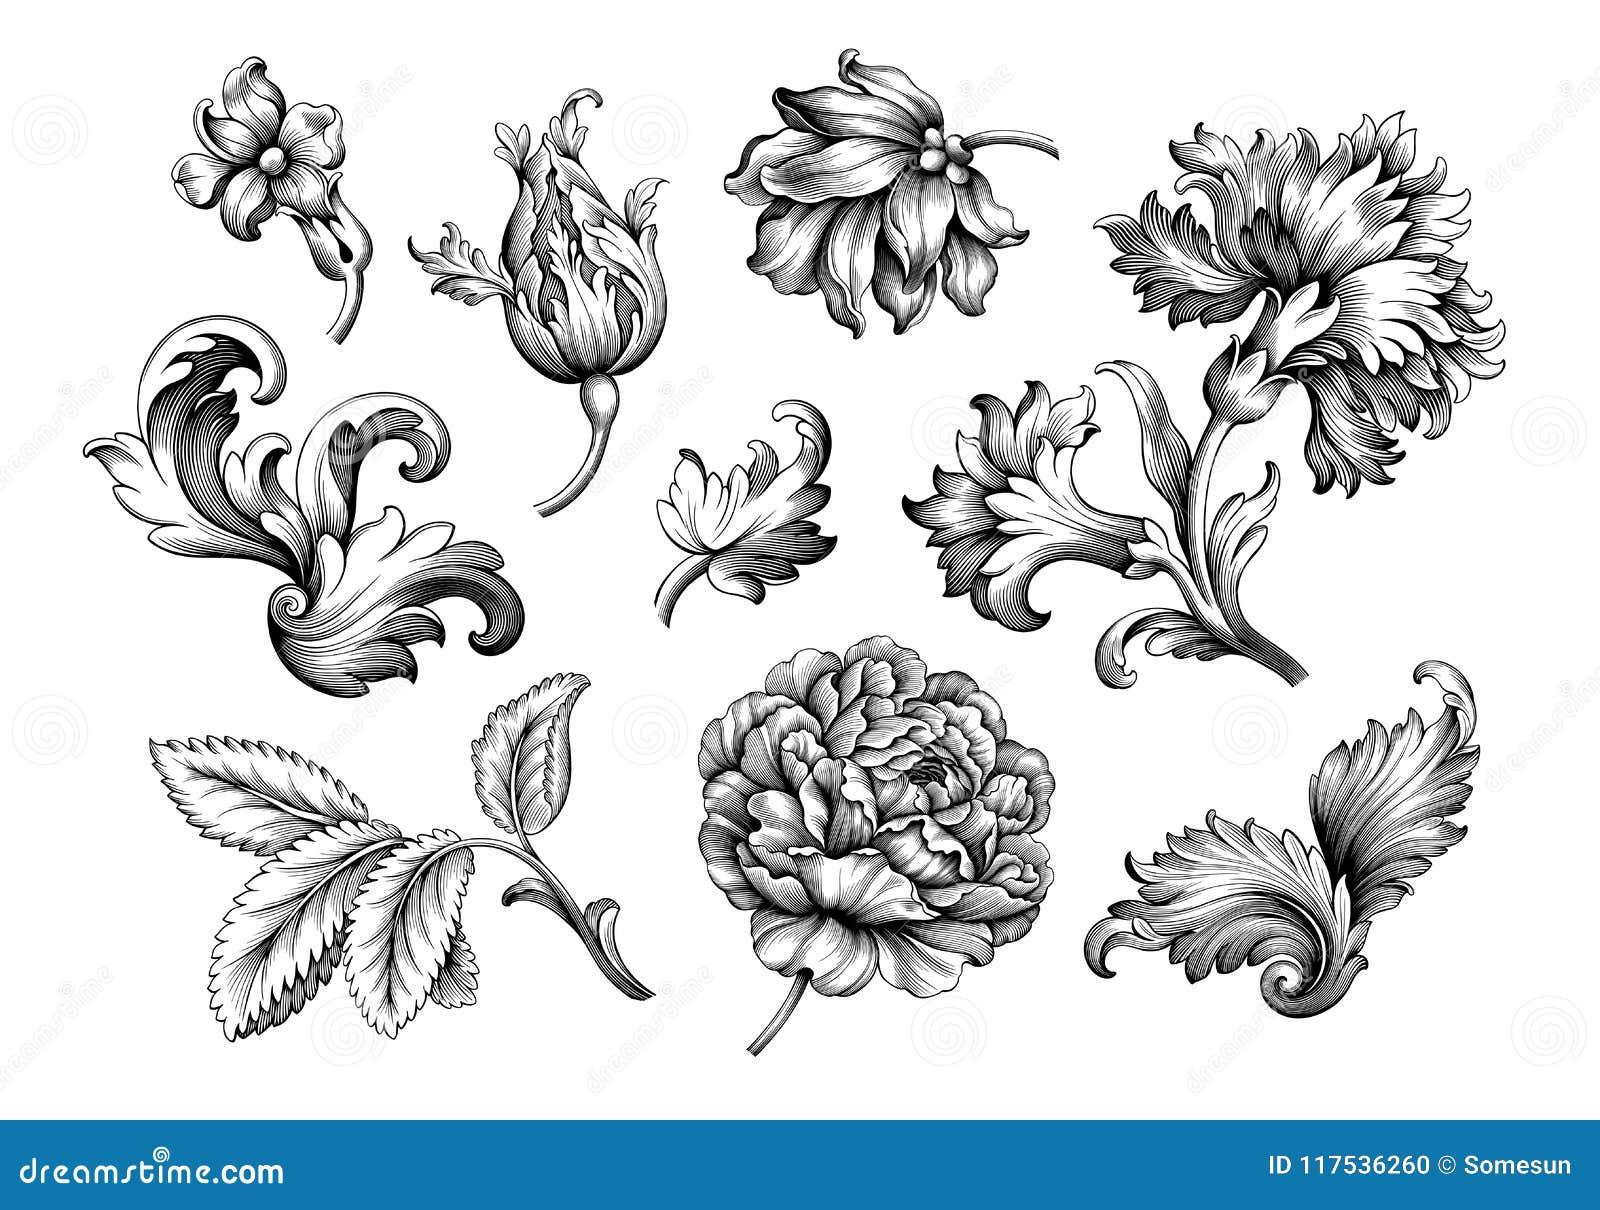 Розовым татуировки картины флористического орнамента границы рамки цветка пиона винтажным барочным викторианским выгравированный